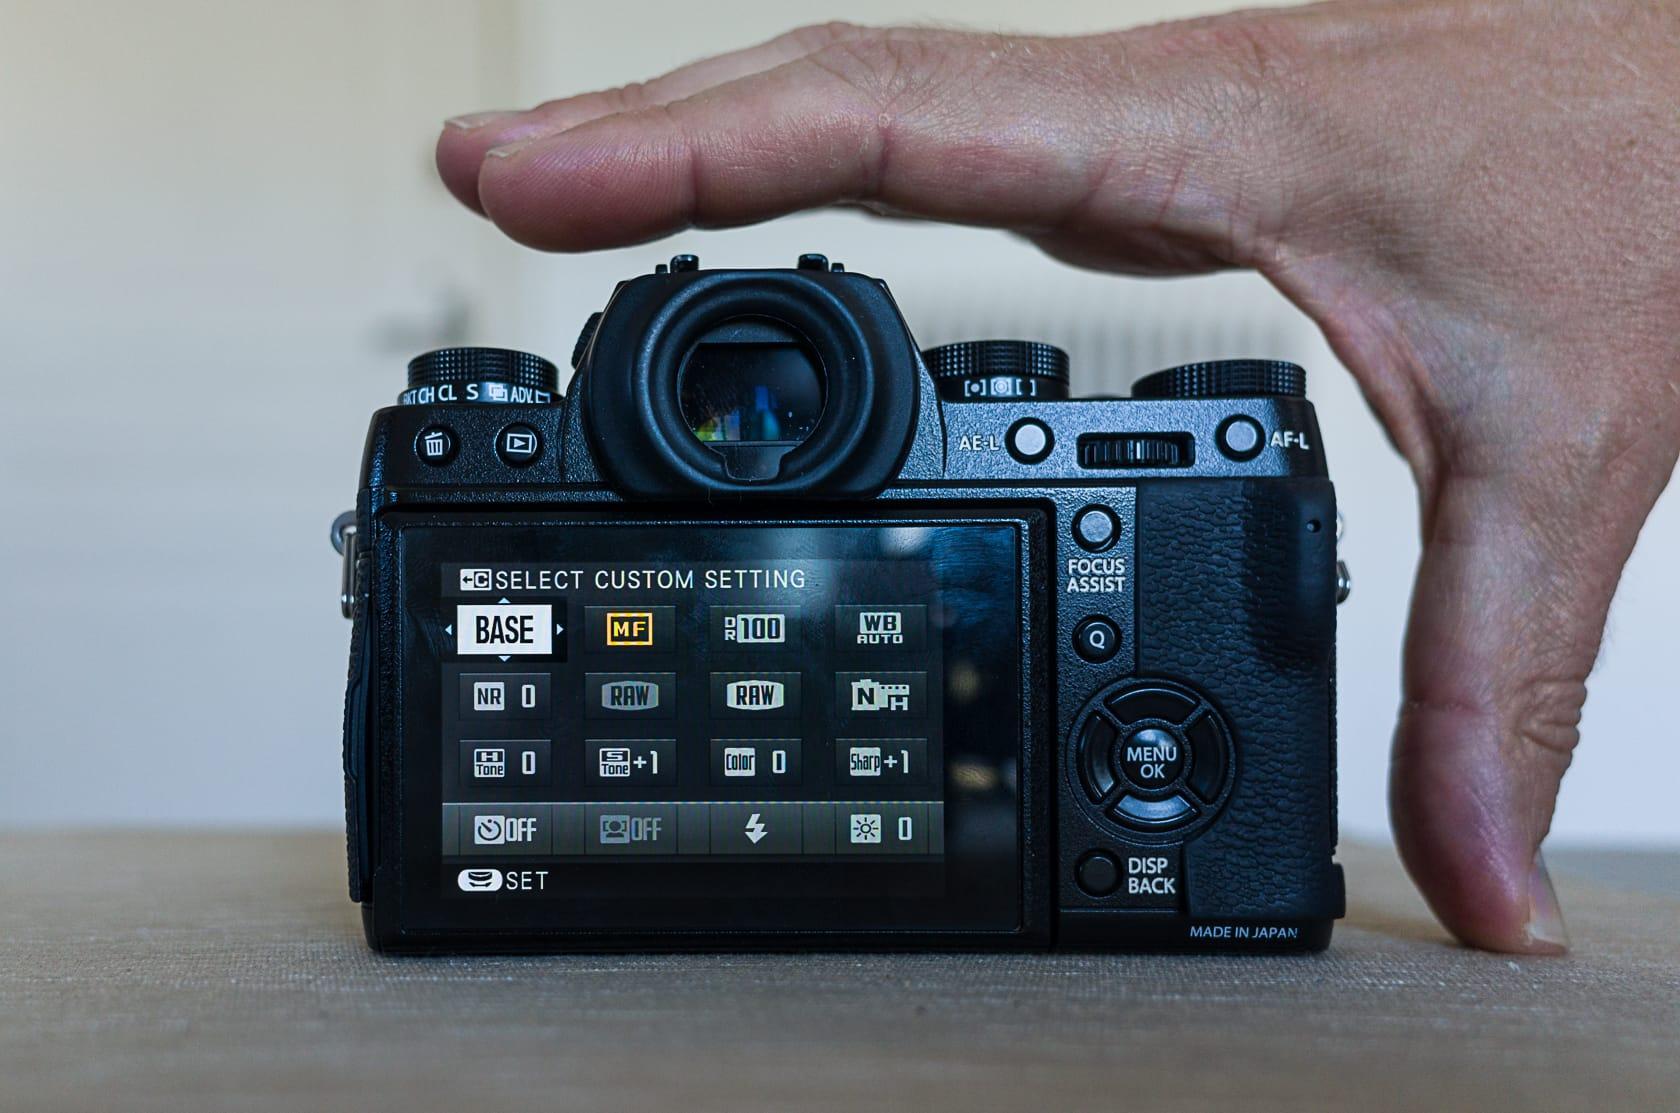 Fujifilm X-T1 size & portability